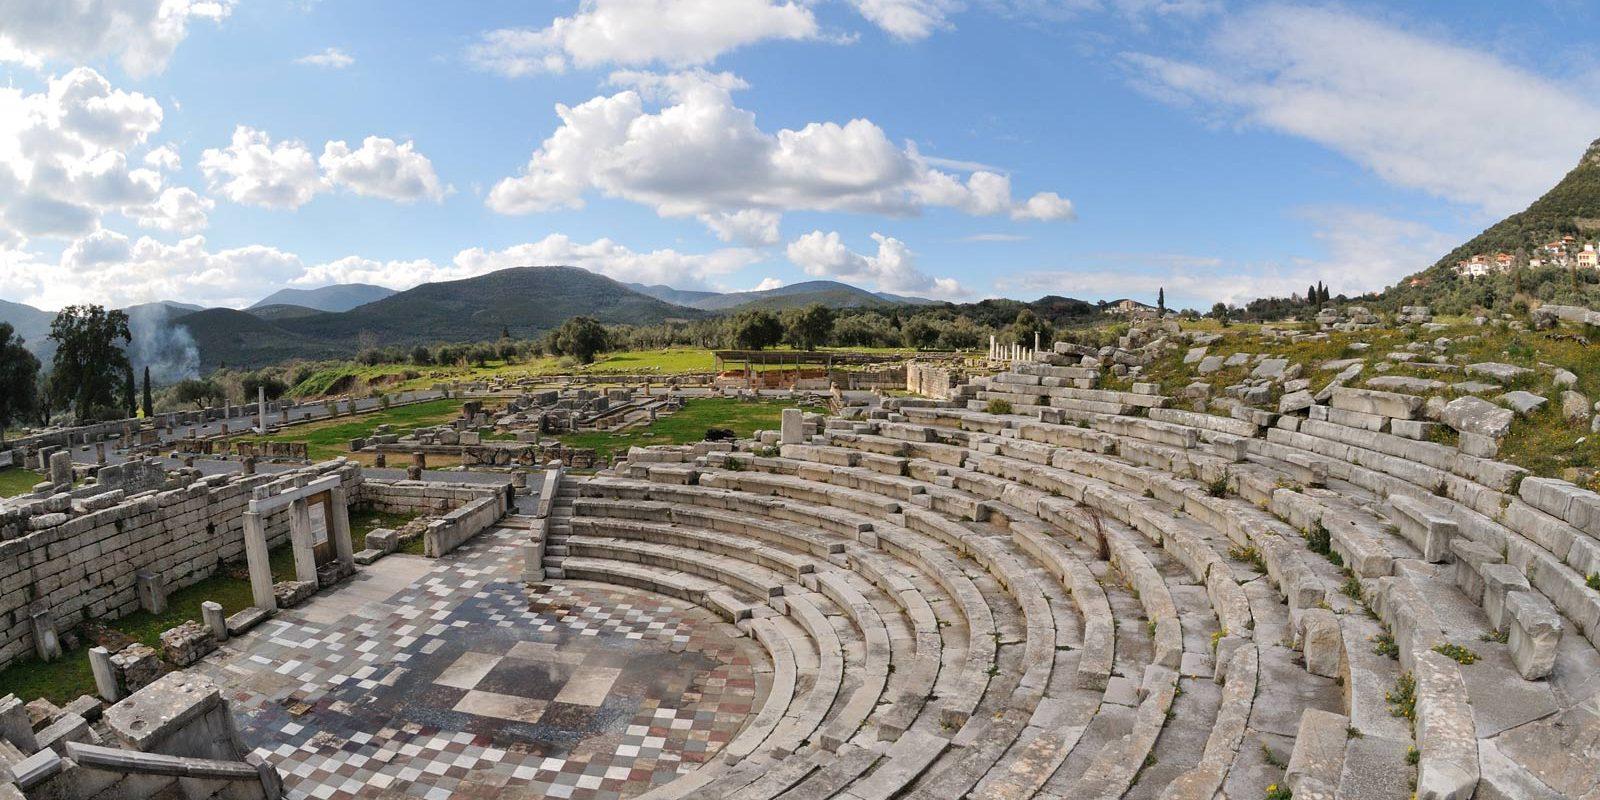 Archeologiacal sites